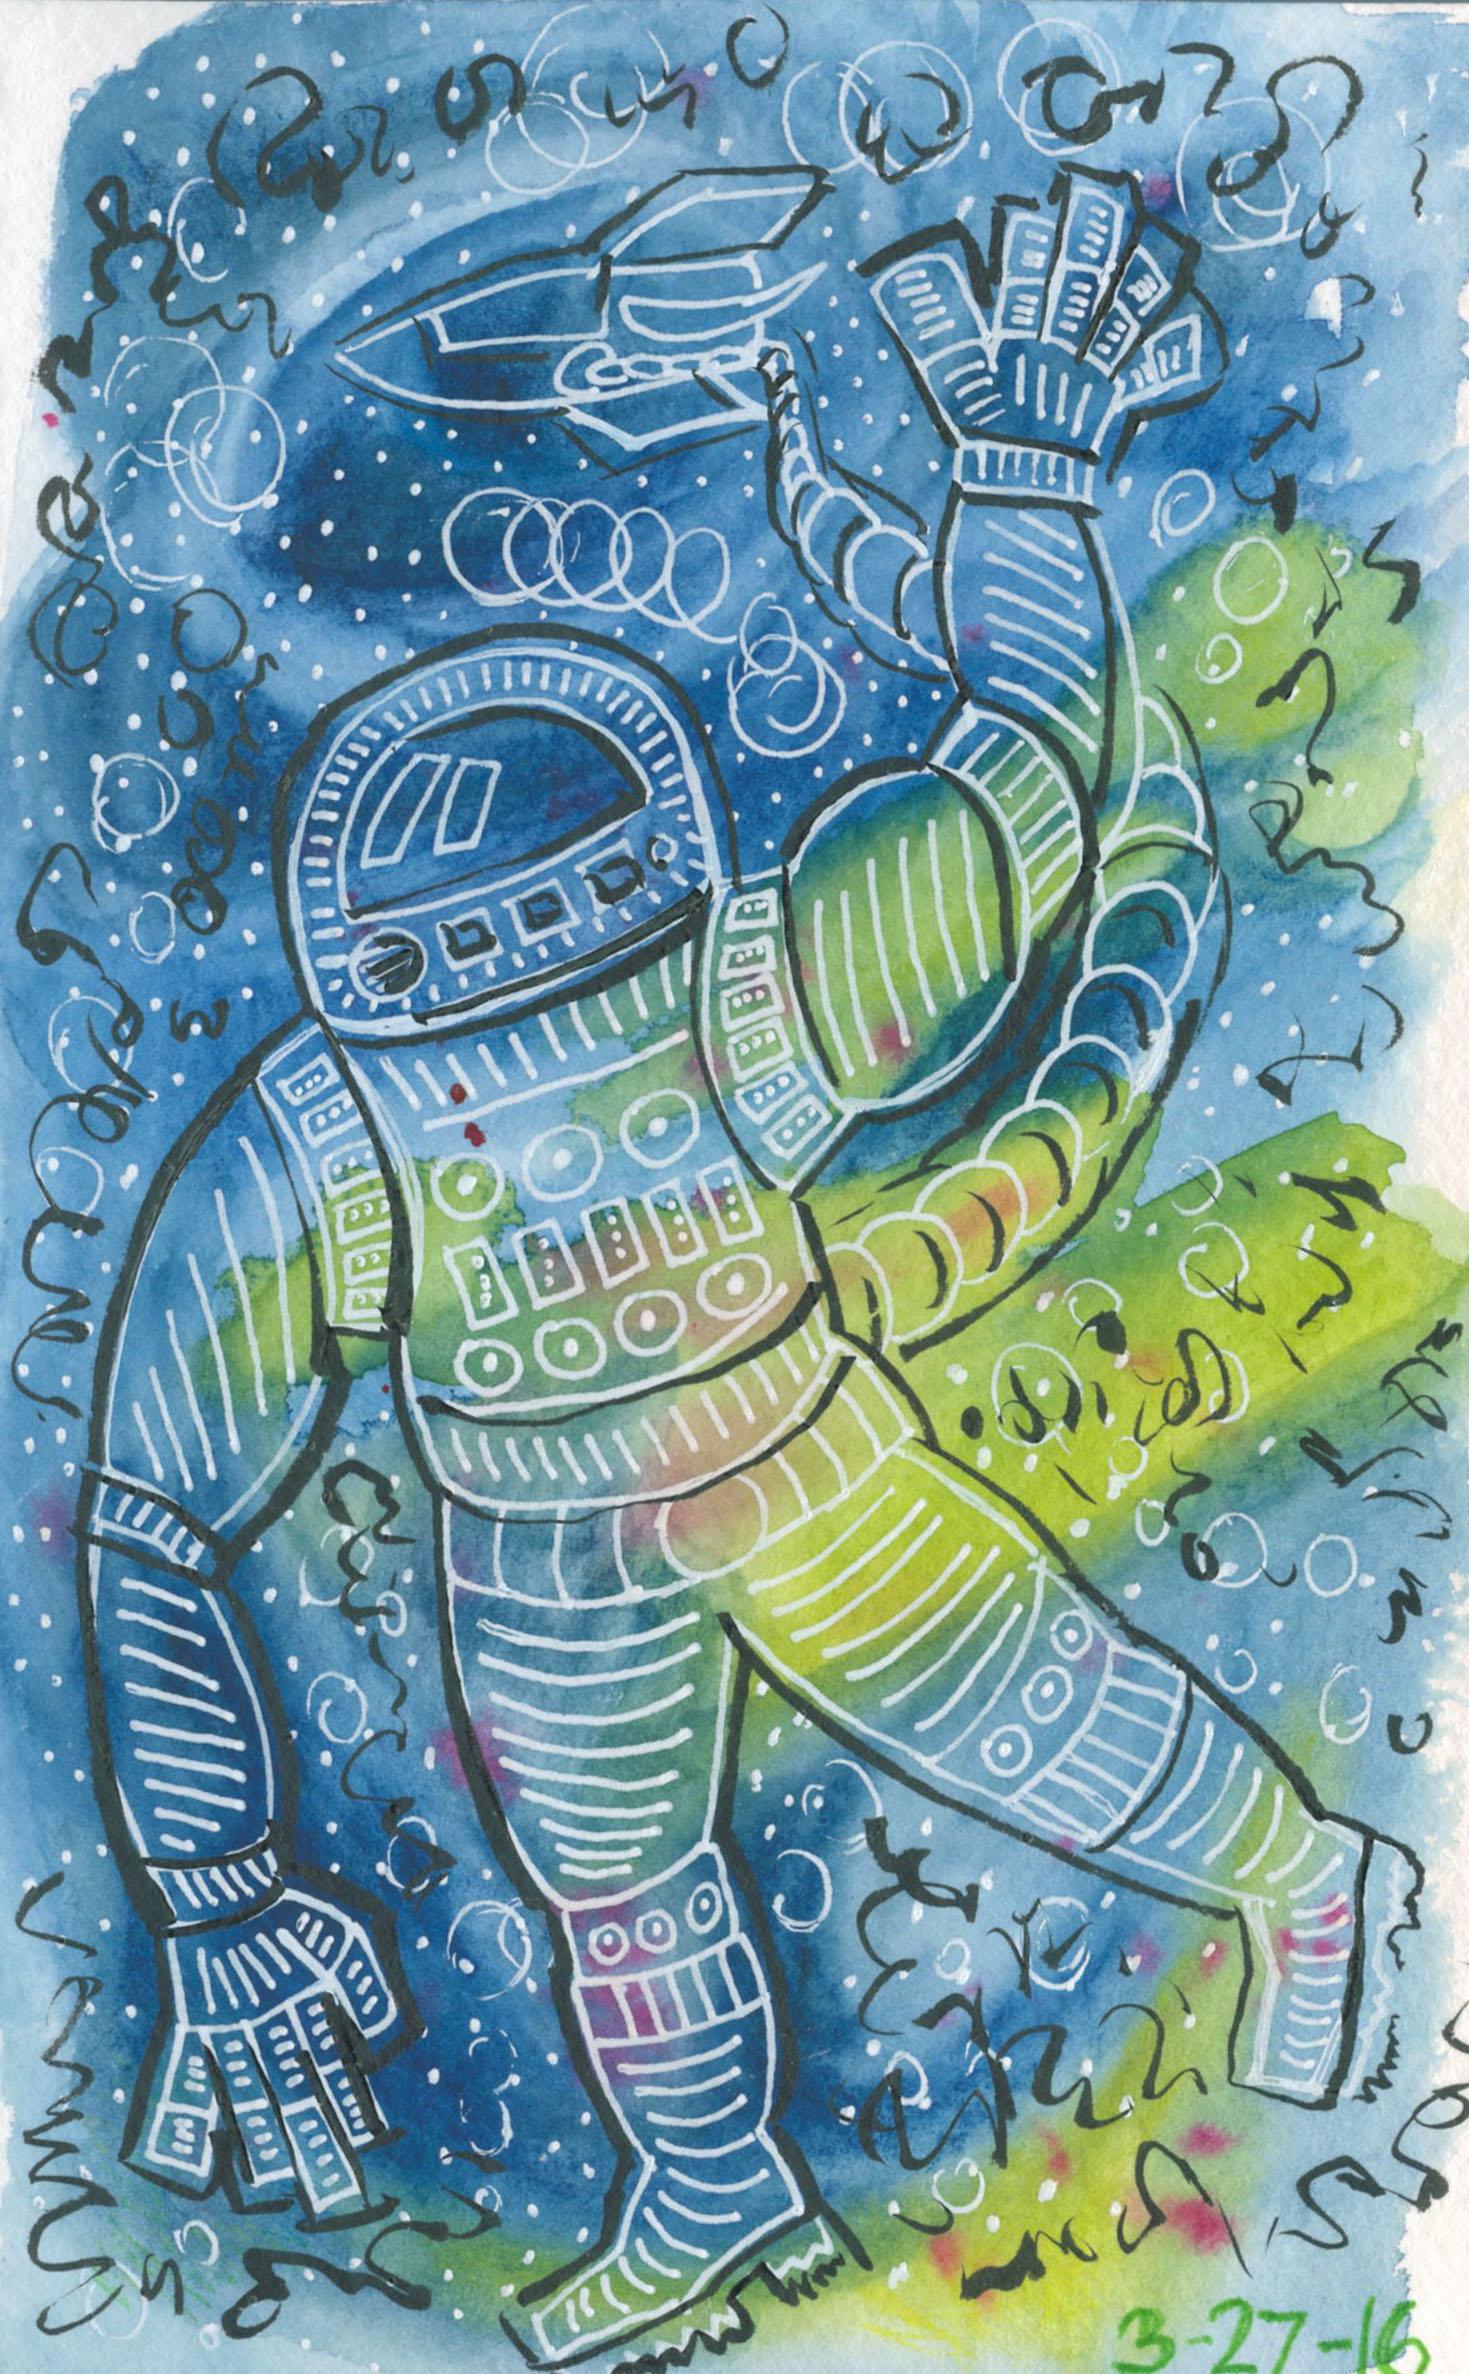 doodle_astronaut_3-27-16.jpg